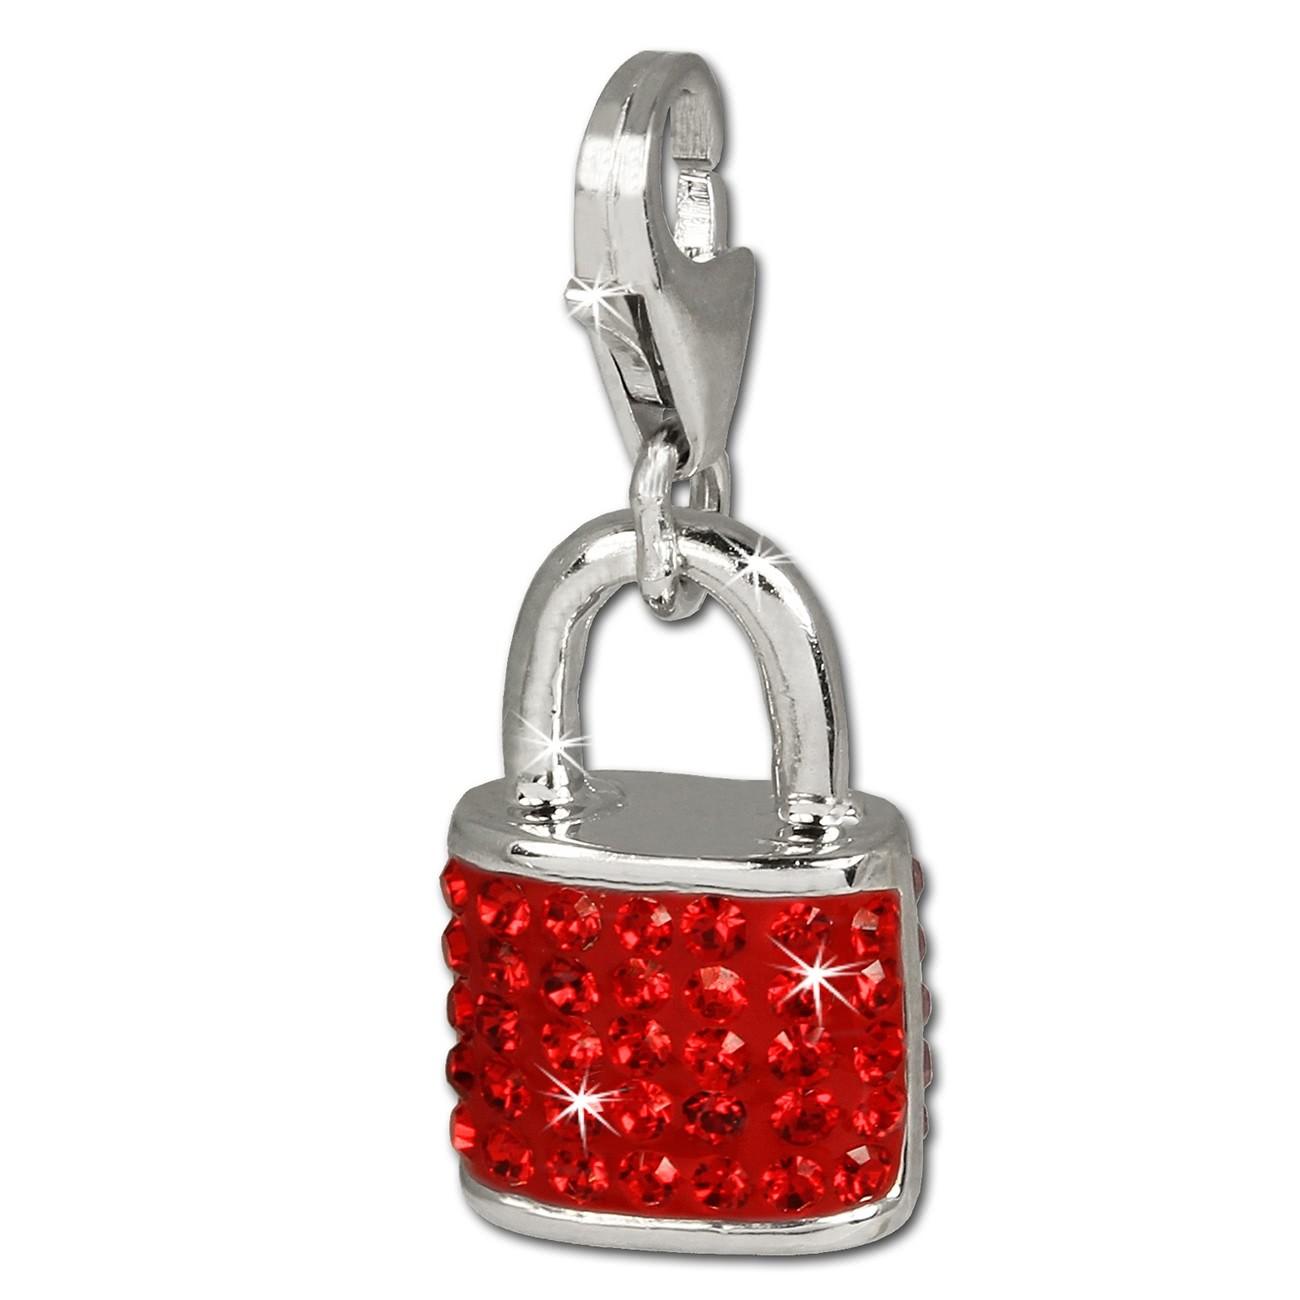 SilberDream Glitzer Charm Schloss rot Zirkonia Kristalle 925 GSC514R